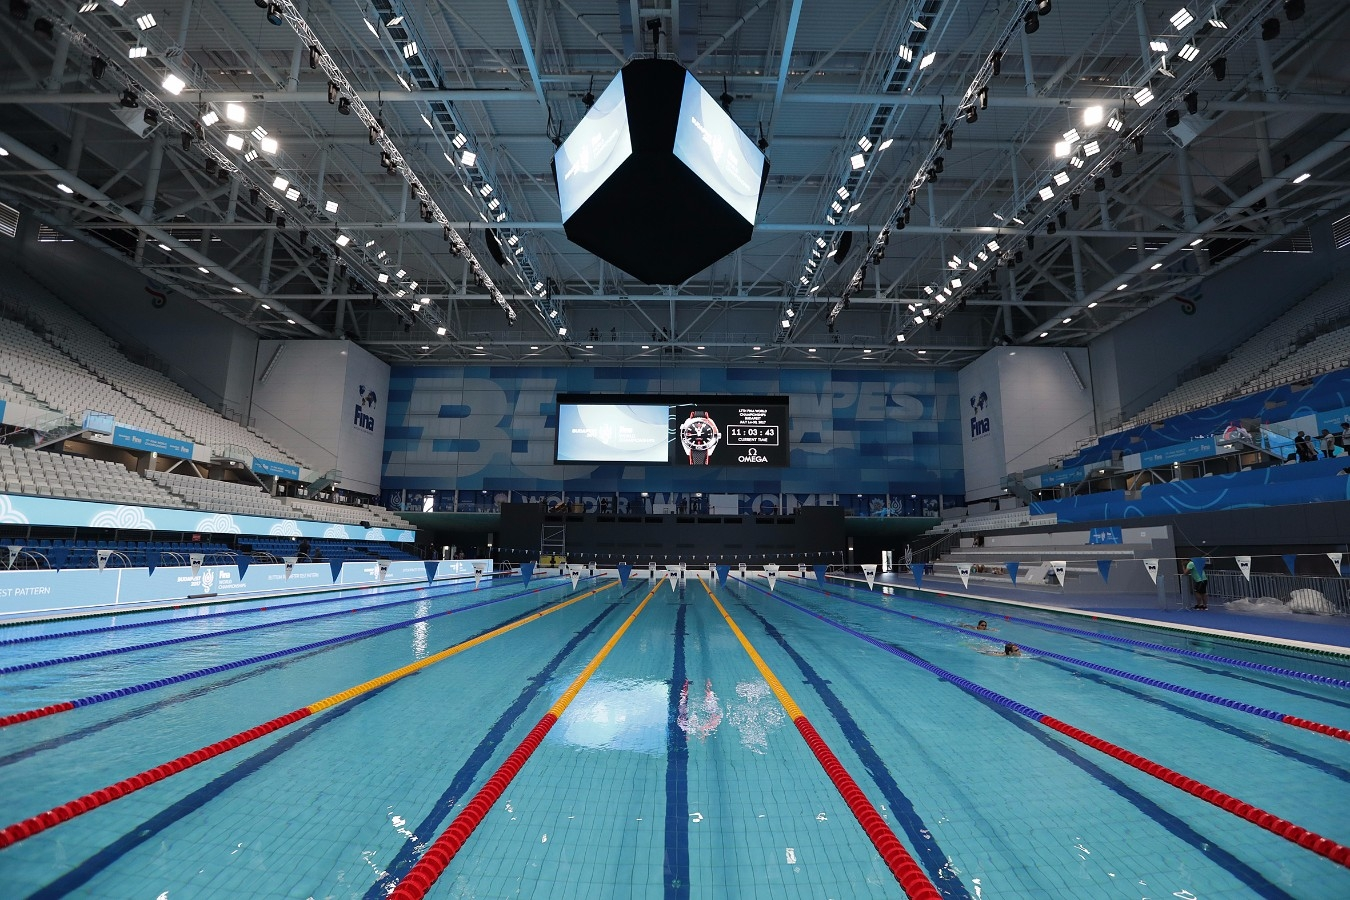 Campeonato Mundial de Desportos Aquaticos. Duna Arena. 12 de Julho de 2017, Hungria, Budapeste. Foto: Satiro Sodré/SSPress/CBDA